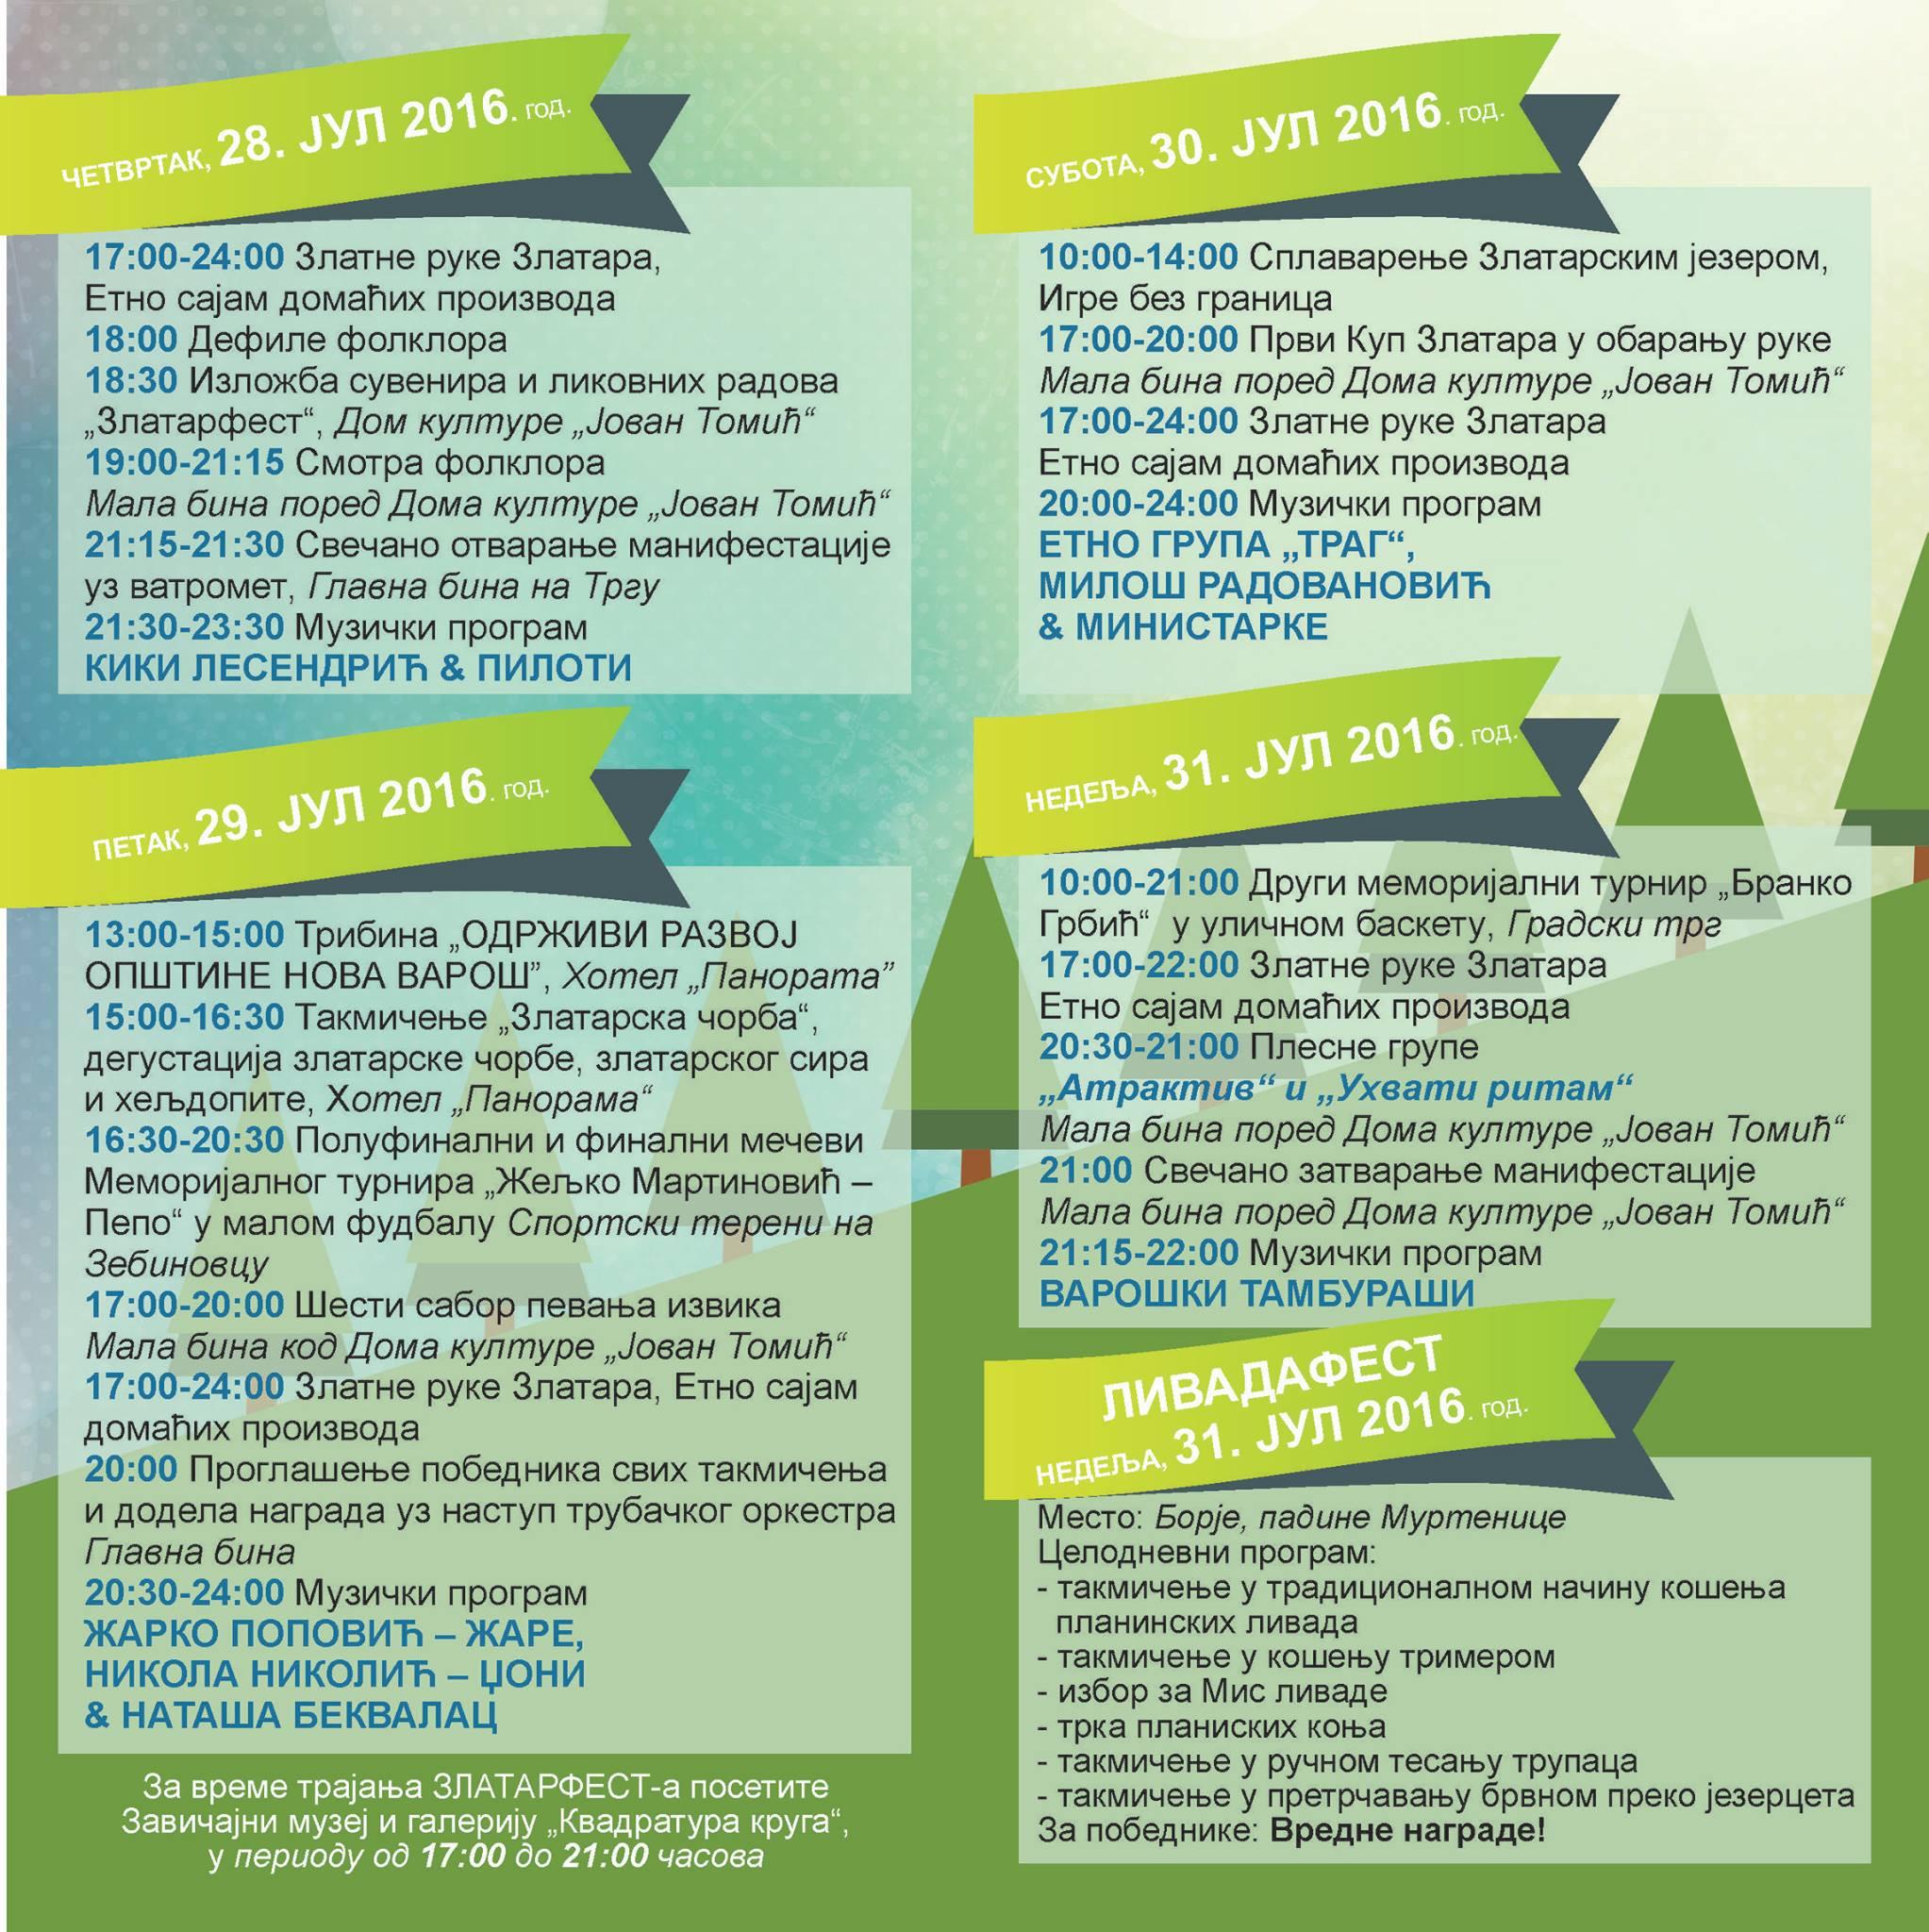 Zlatar Fest 2016 Program plakat